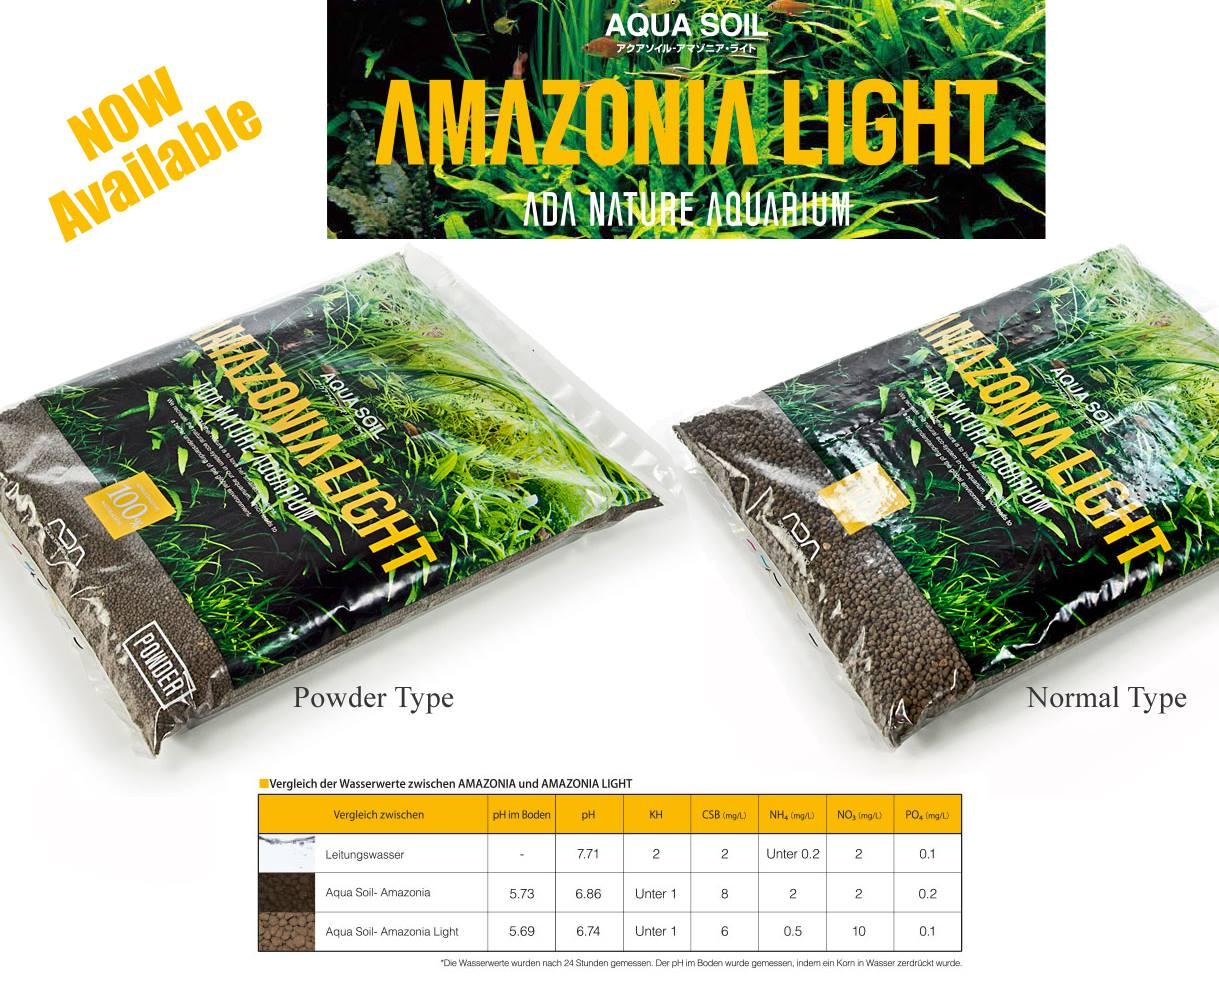 amazonia light jetzt bei uns erh ltlich neues im garnelenhaus der wirbellotse. Black Bedroom Furniture Sets. Home Design Ideas